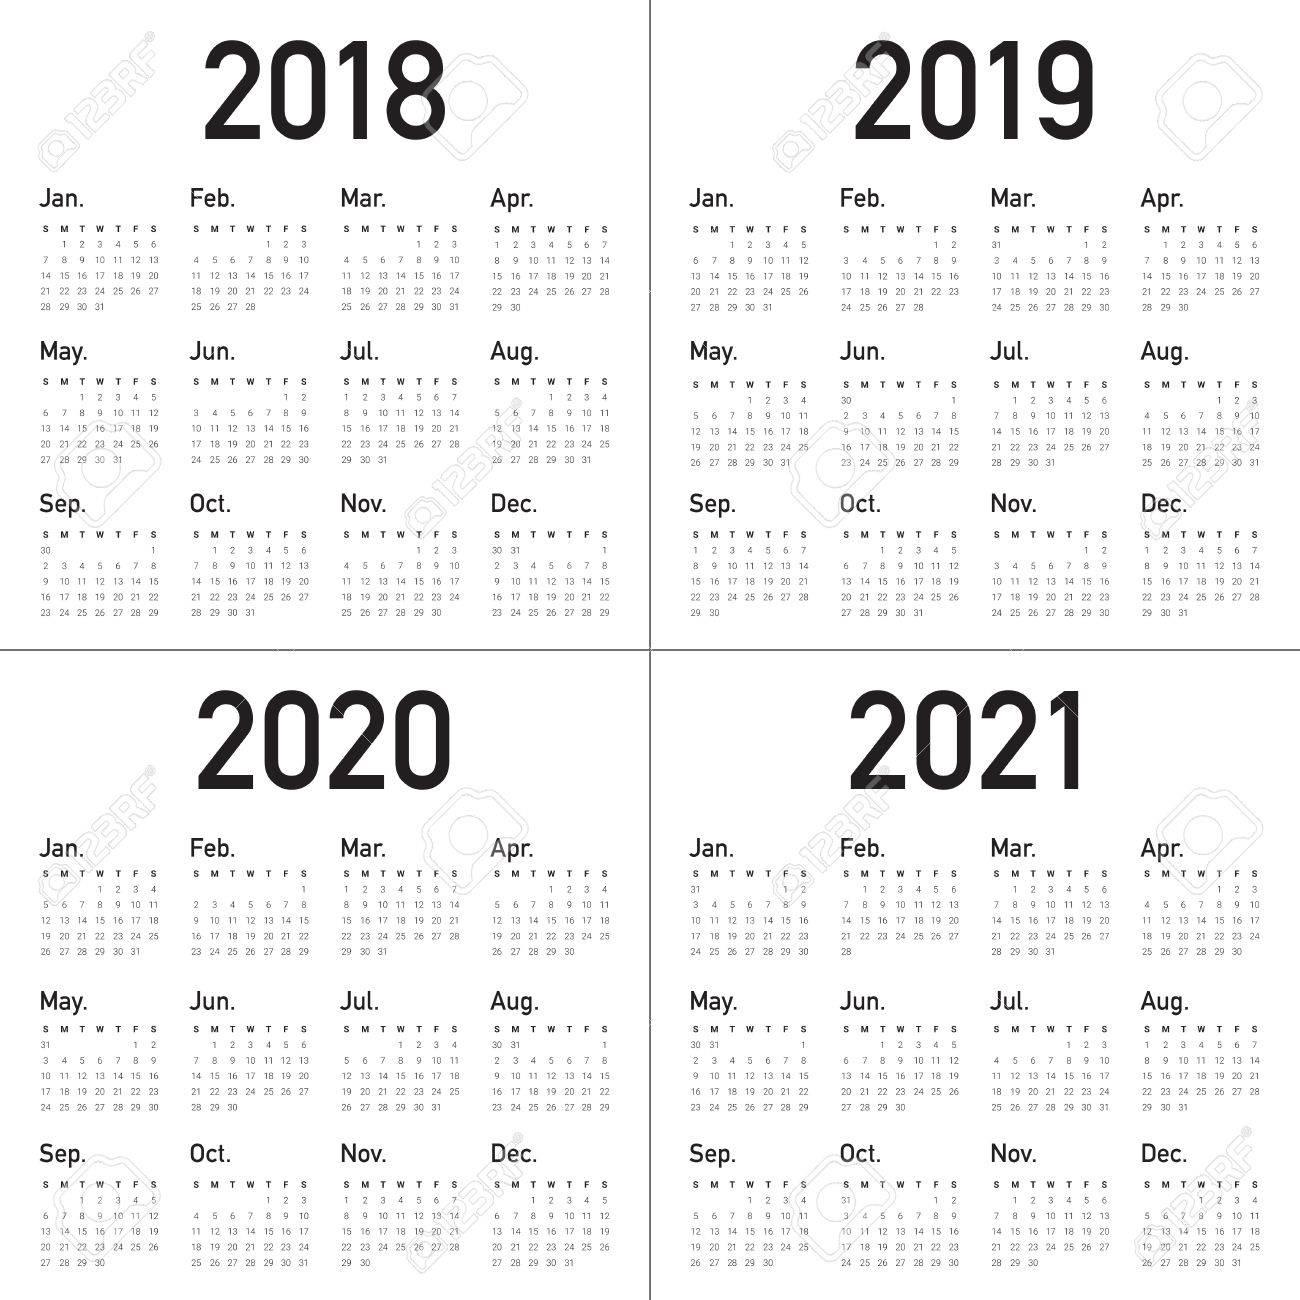 Calendrier 2019 Et 2021 Année 2018 2019 2020 2021 Calendrier Modèle De Conception De